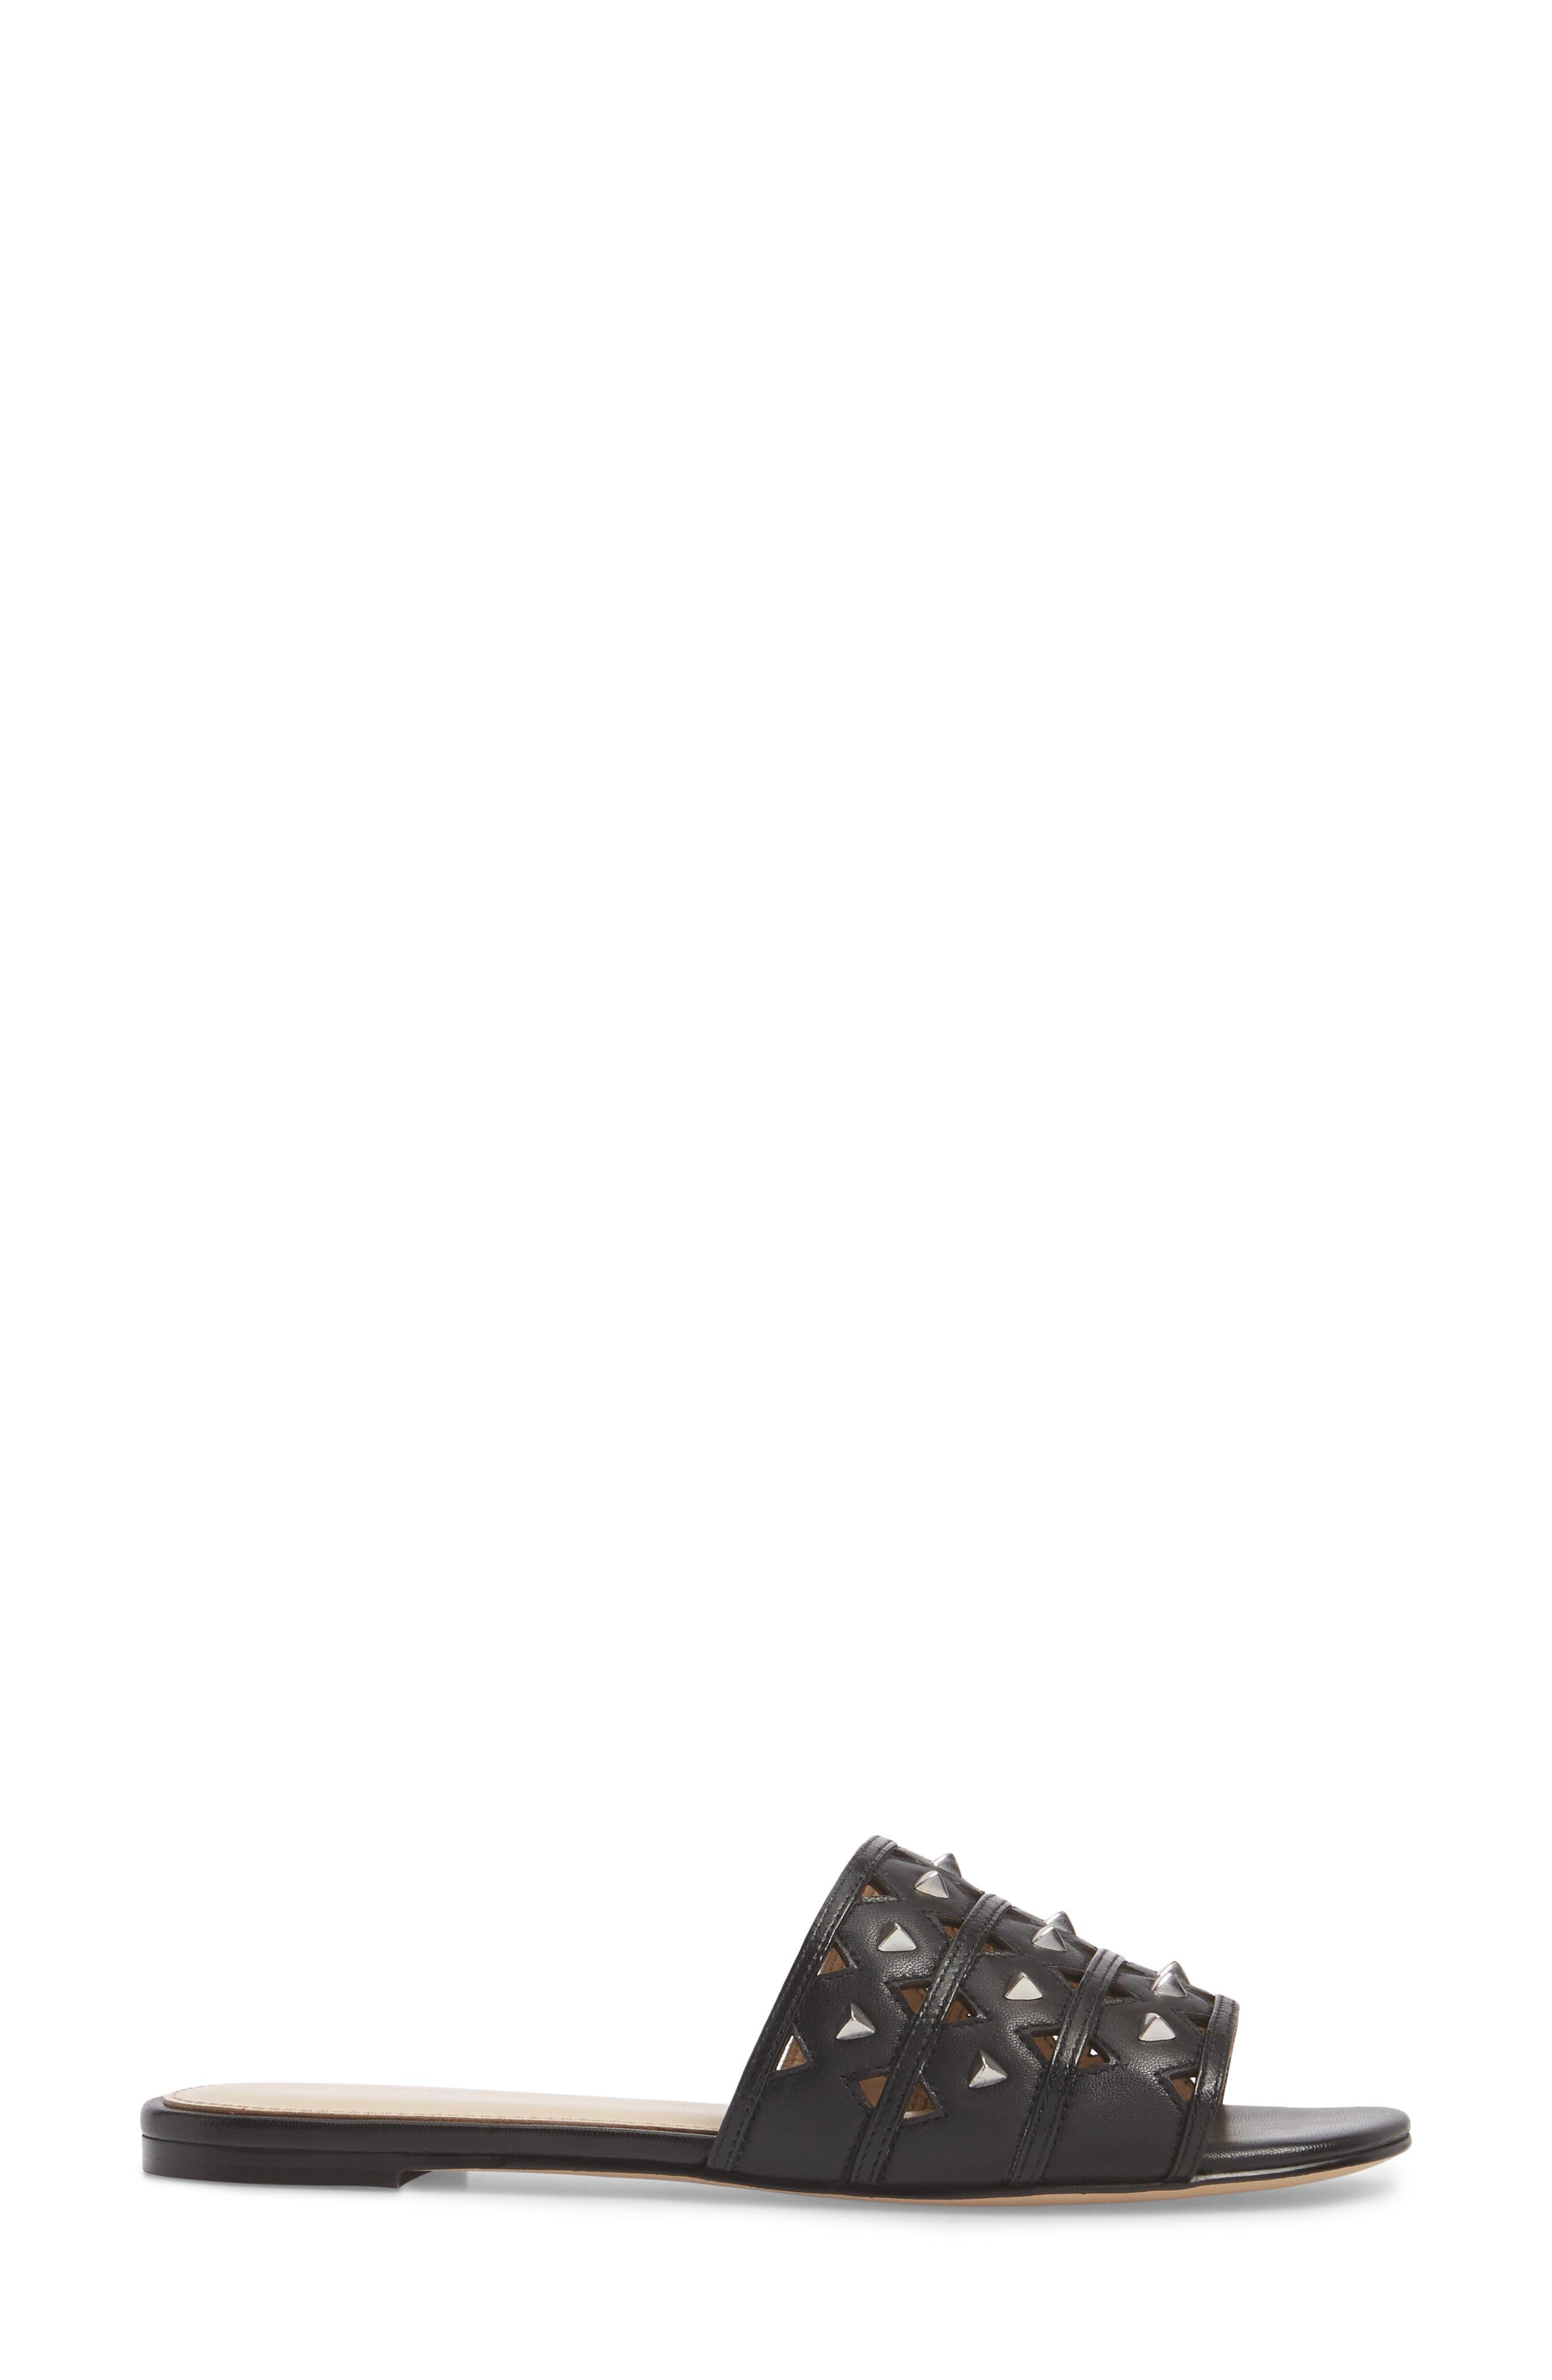 BOTKIER,                             Maeva Slide Sandal,                             Alternate thumbnail 3, color,                             001